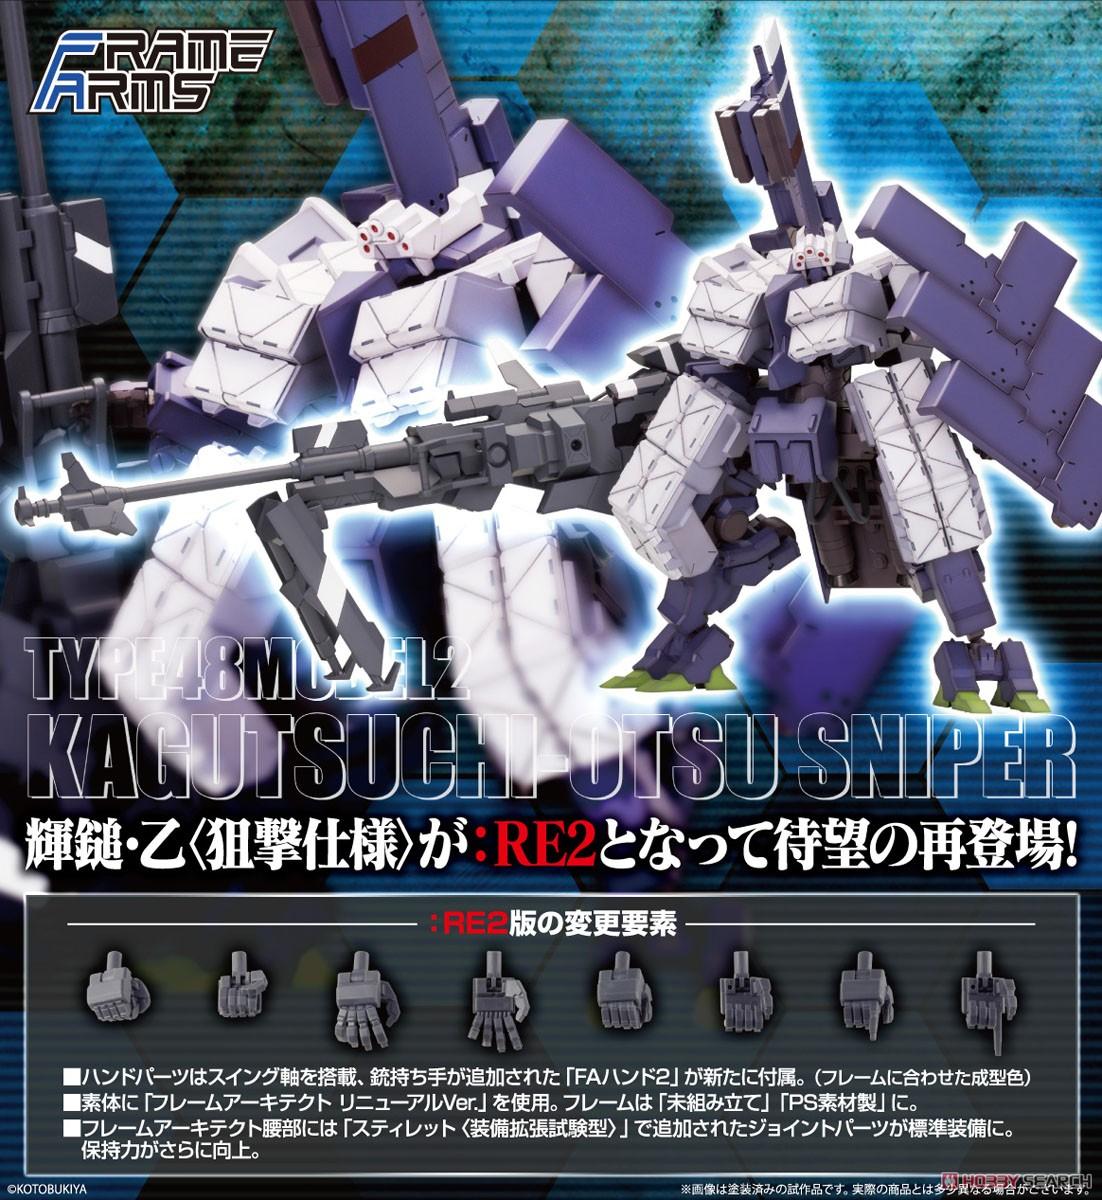 フレームアームズ『四八式二型 輝鎚・乙〈狙撃仕様〉:RE2』1/100 プラモデル-011